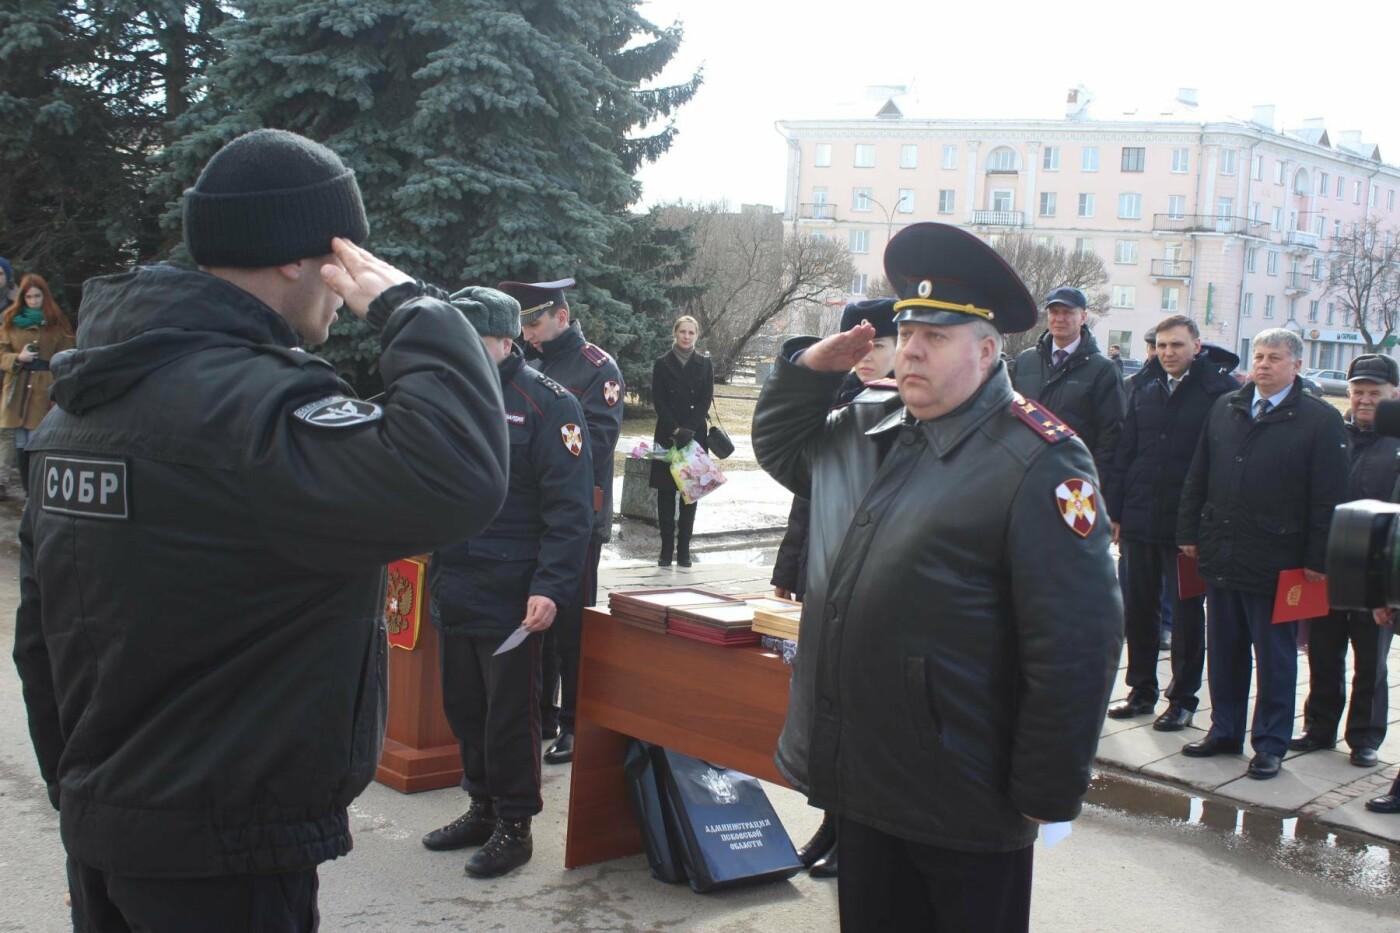 В Пскове состоялся гарнизонный развод нарядов Росгвардии, заступающих на службу по охране общественного порядка, фото-3